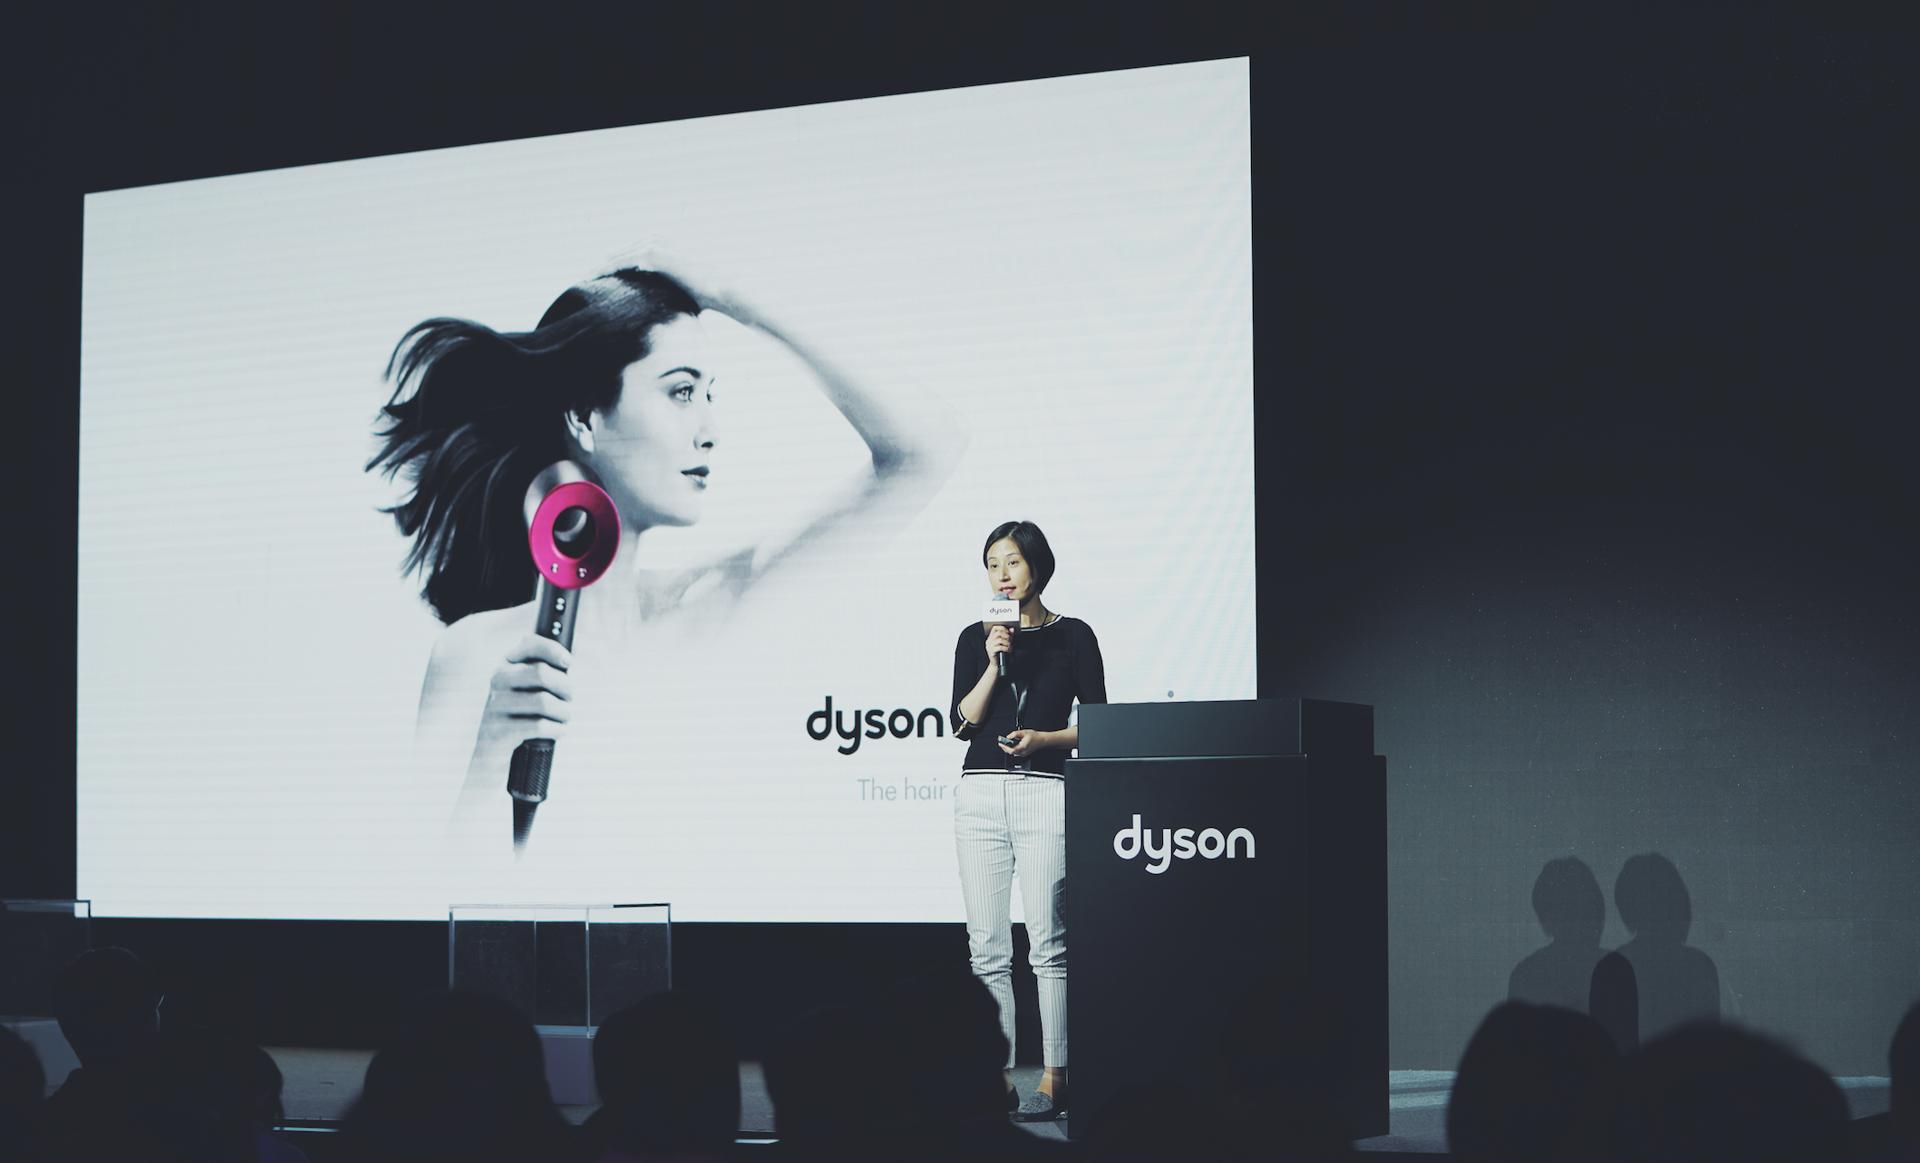 Dyson校招体验日现场视频花絮速览~